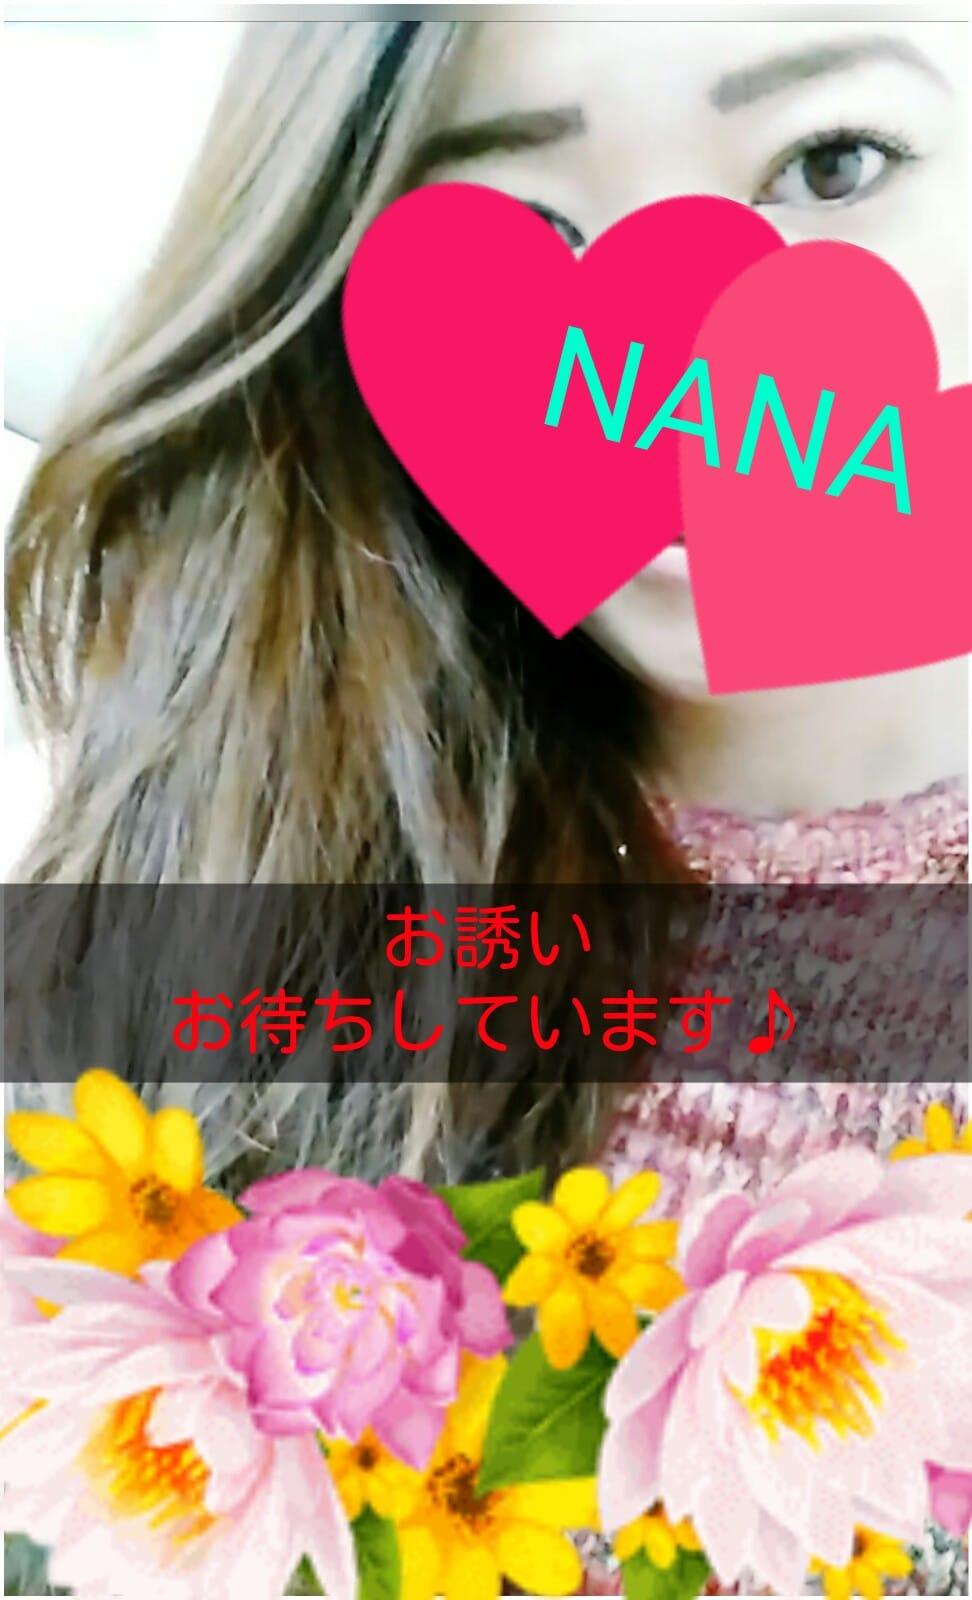 ナナ「今日も。。。」11/20(月) 18:16 | ナナの写メ・風俗動画